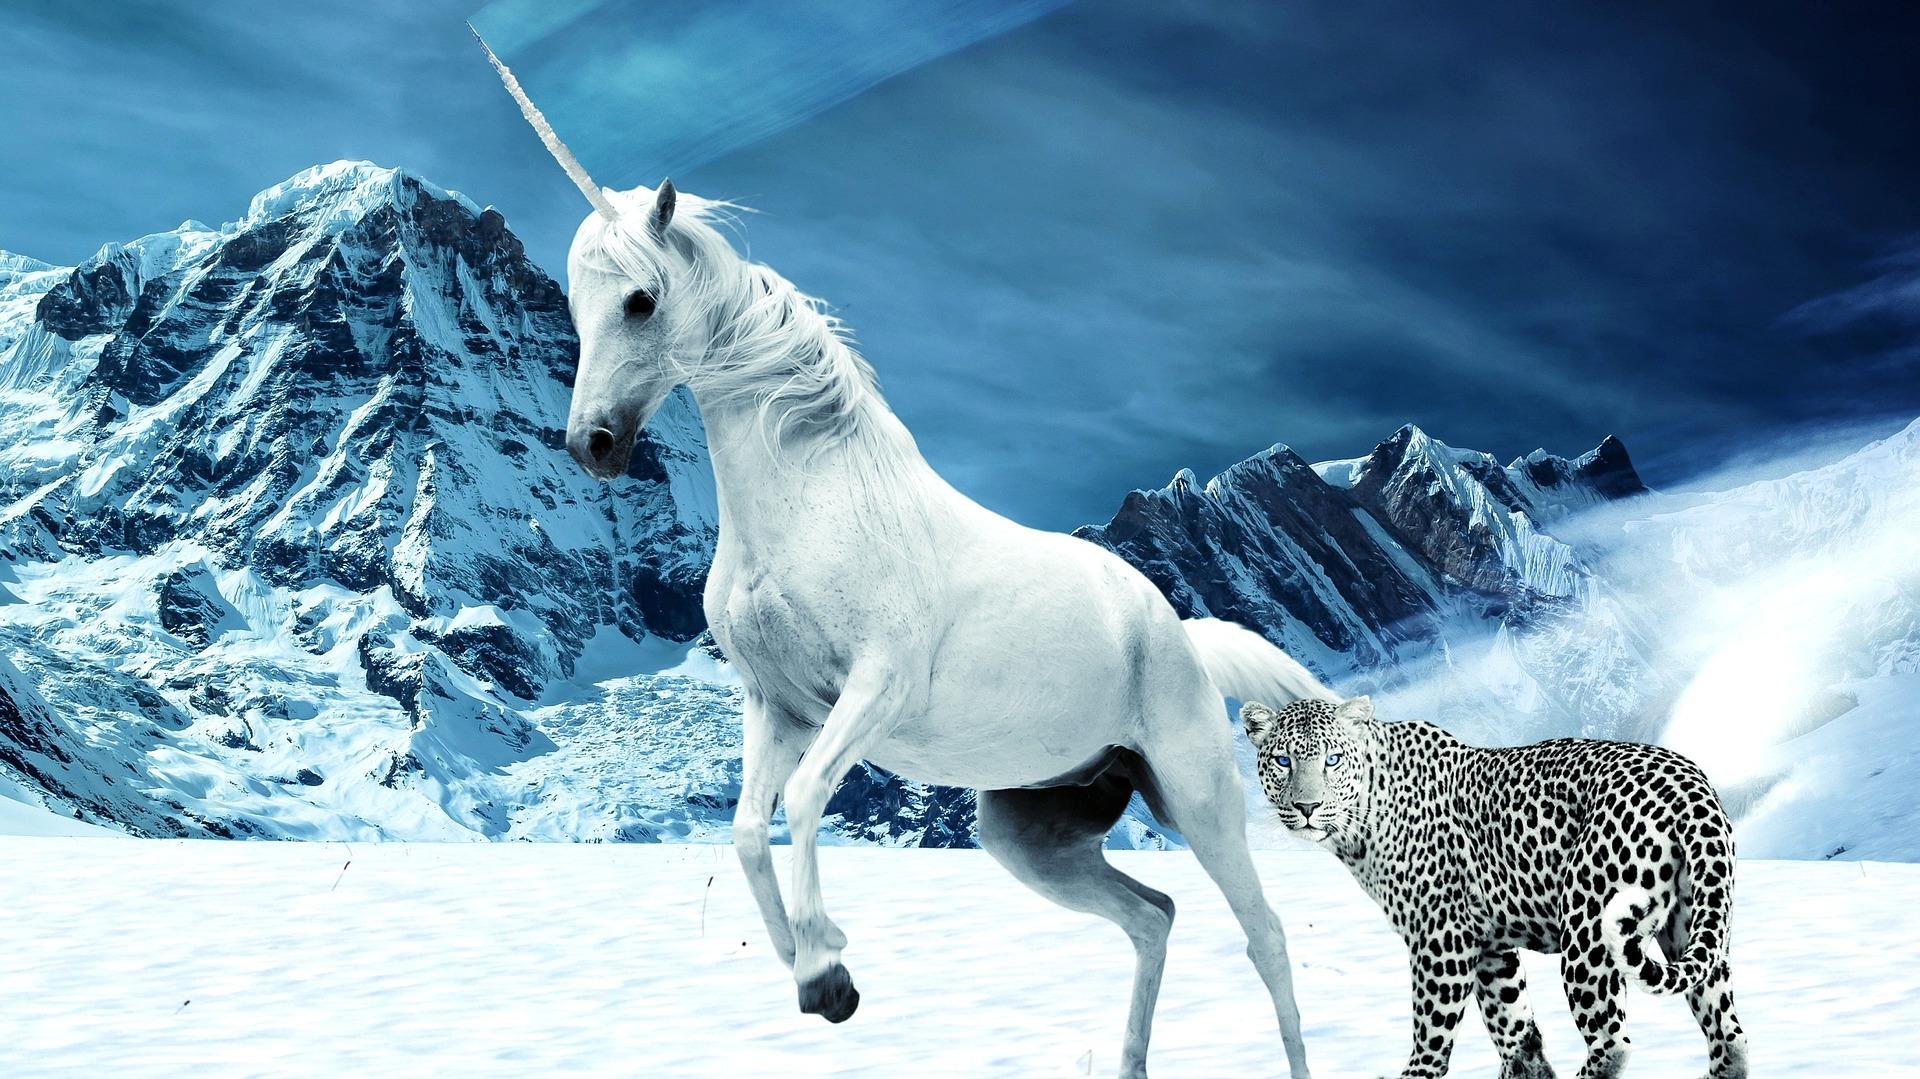 unicorn syndrome